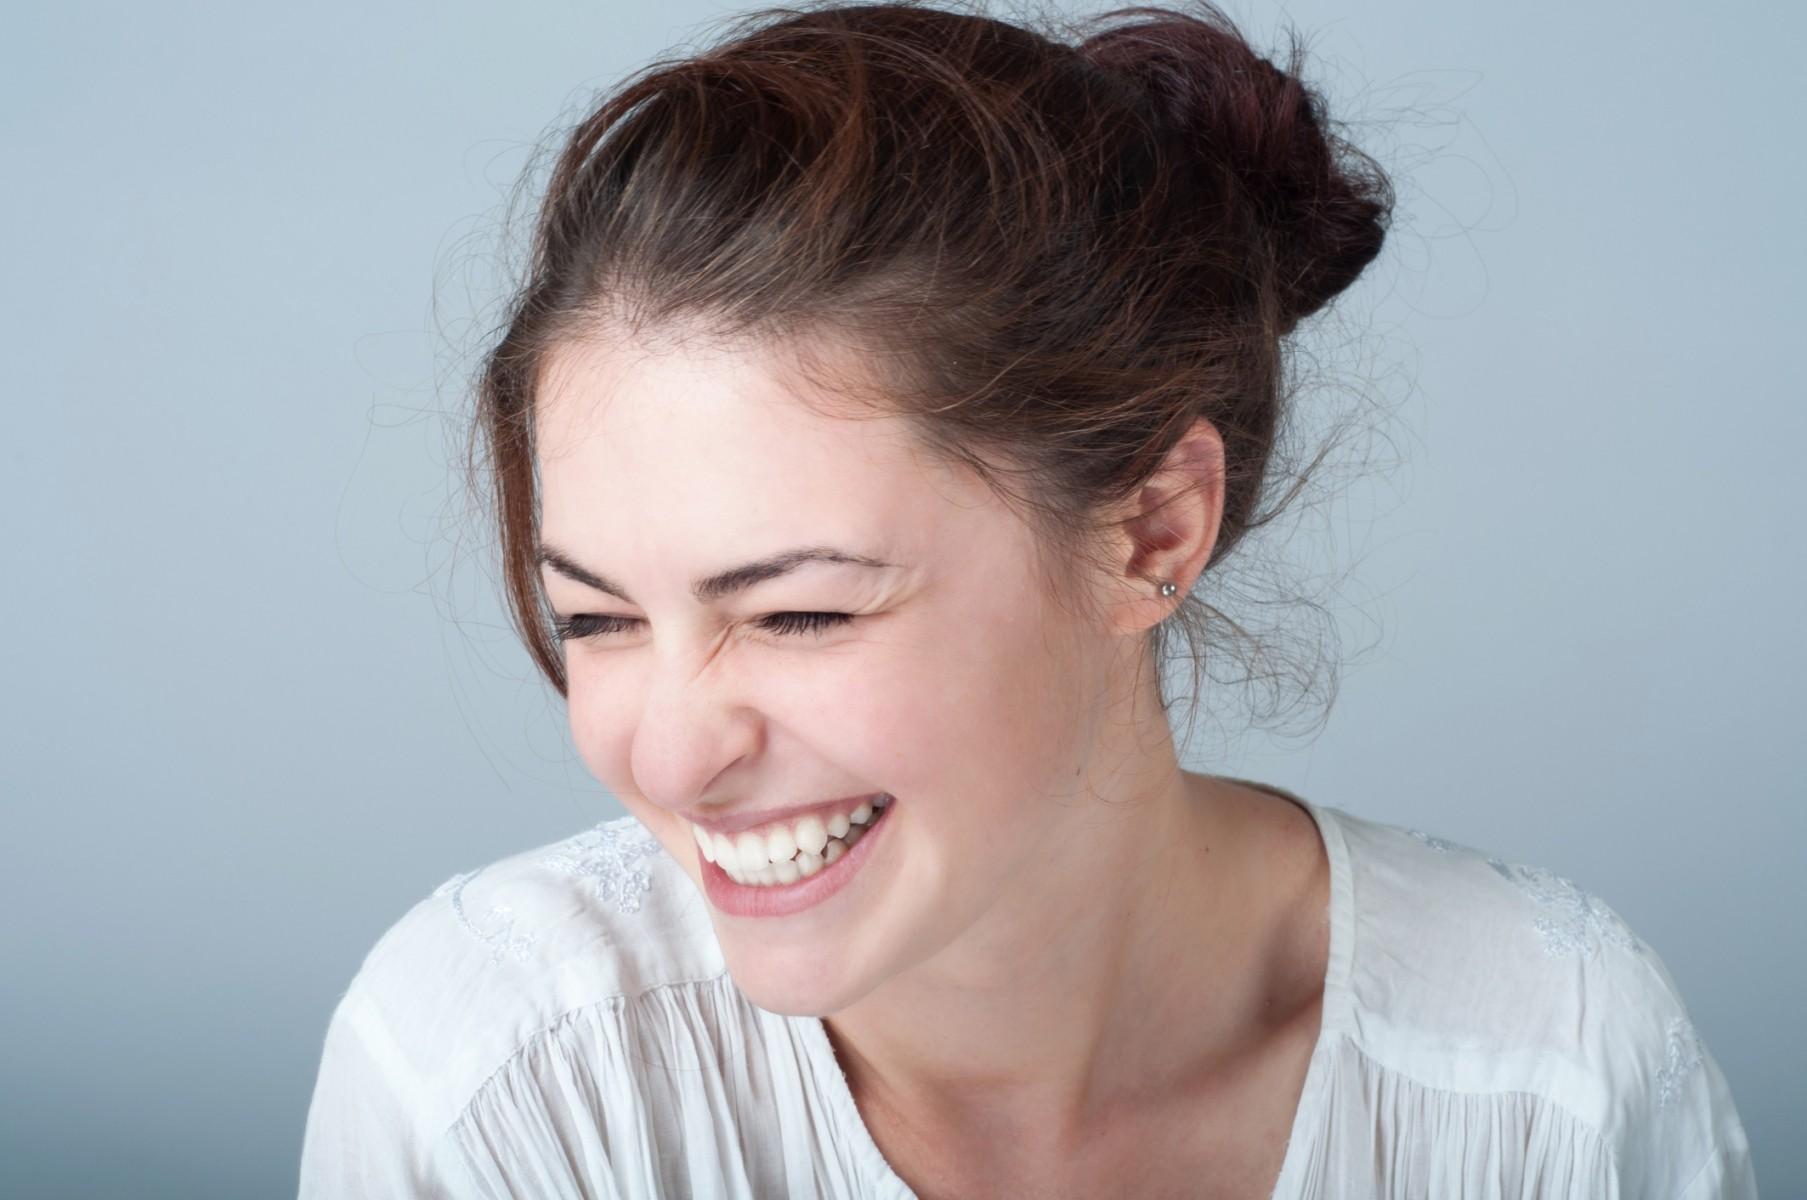 el-buen-humor-cambia-el-cerebro-y-protege-de-enfermedades